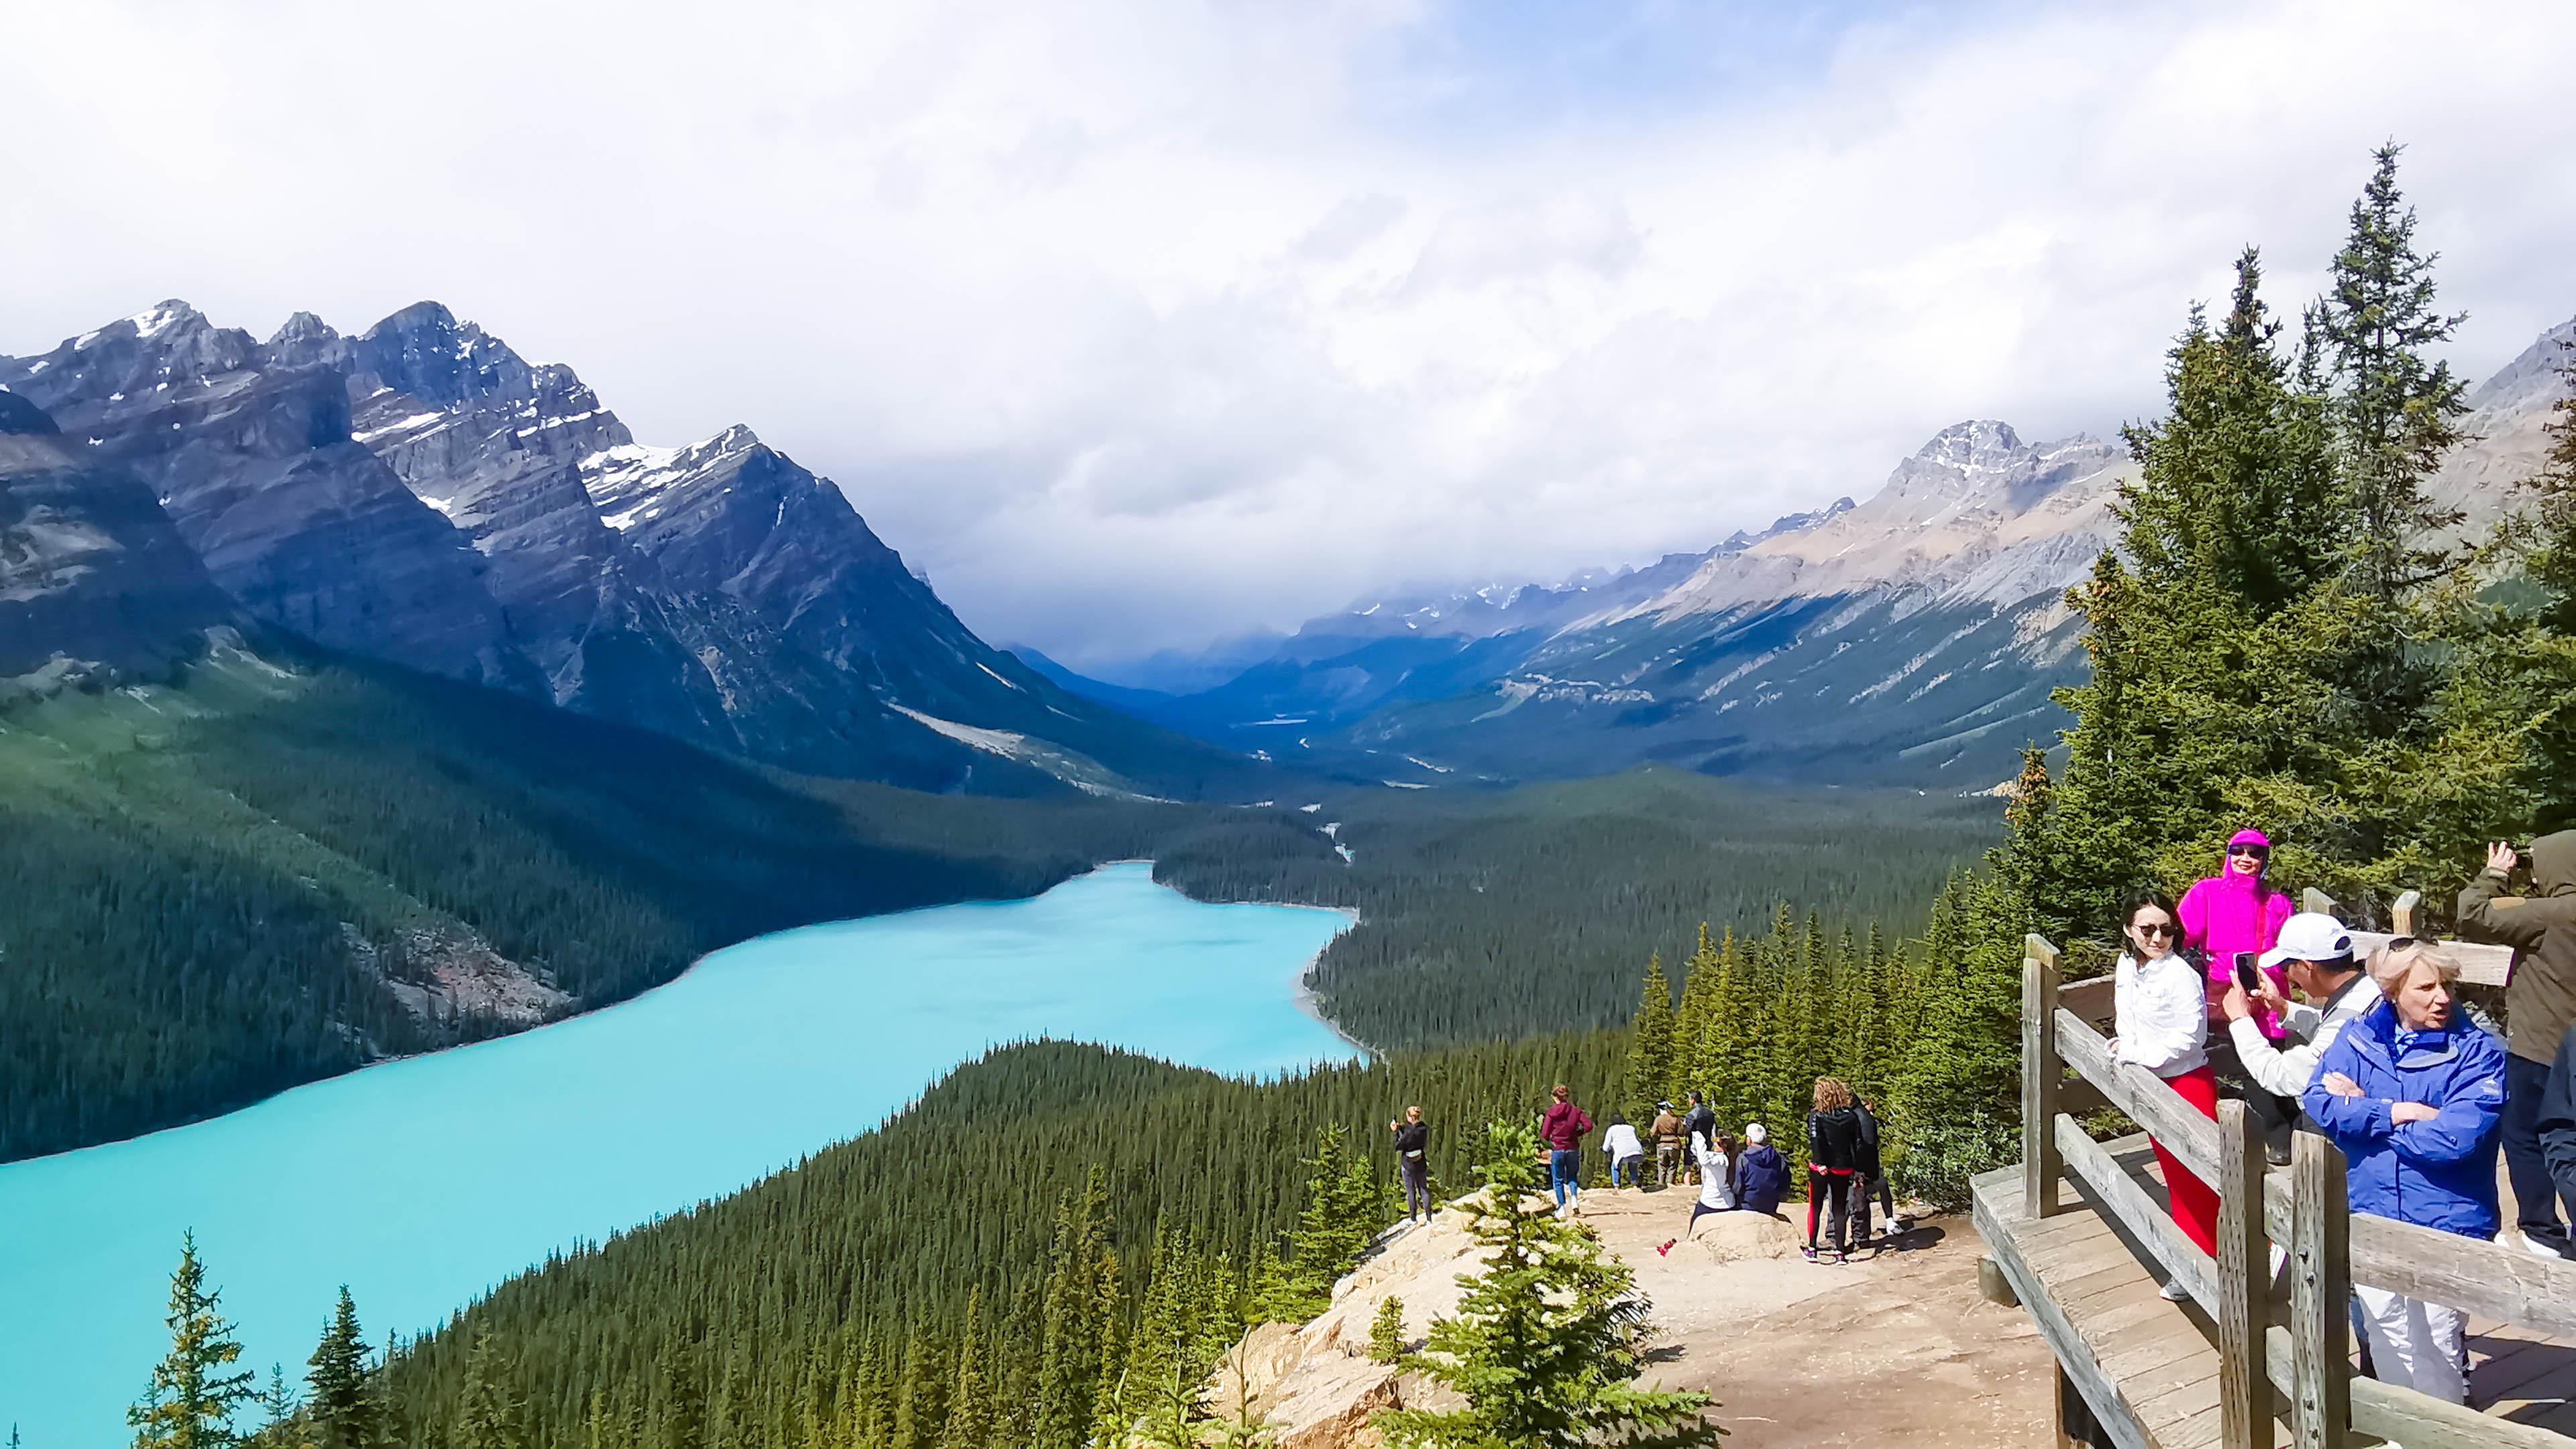 Peyto Lake เที่ยวแคนาดา ทัวร์แคนาดา